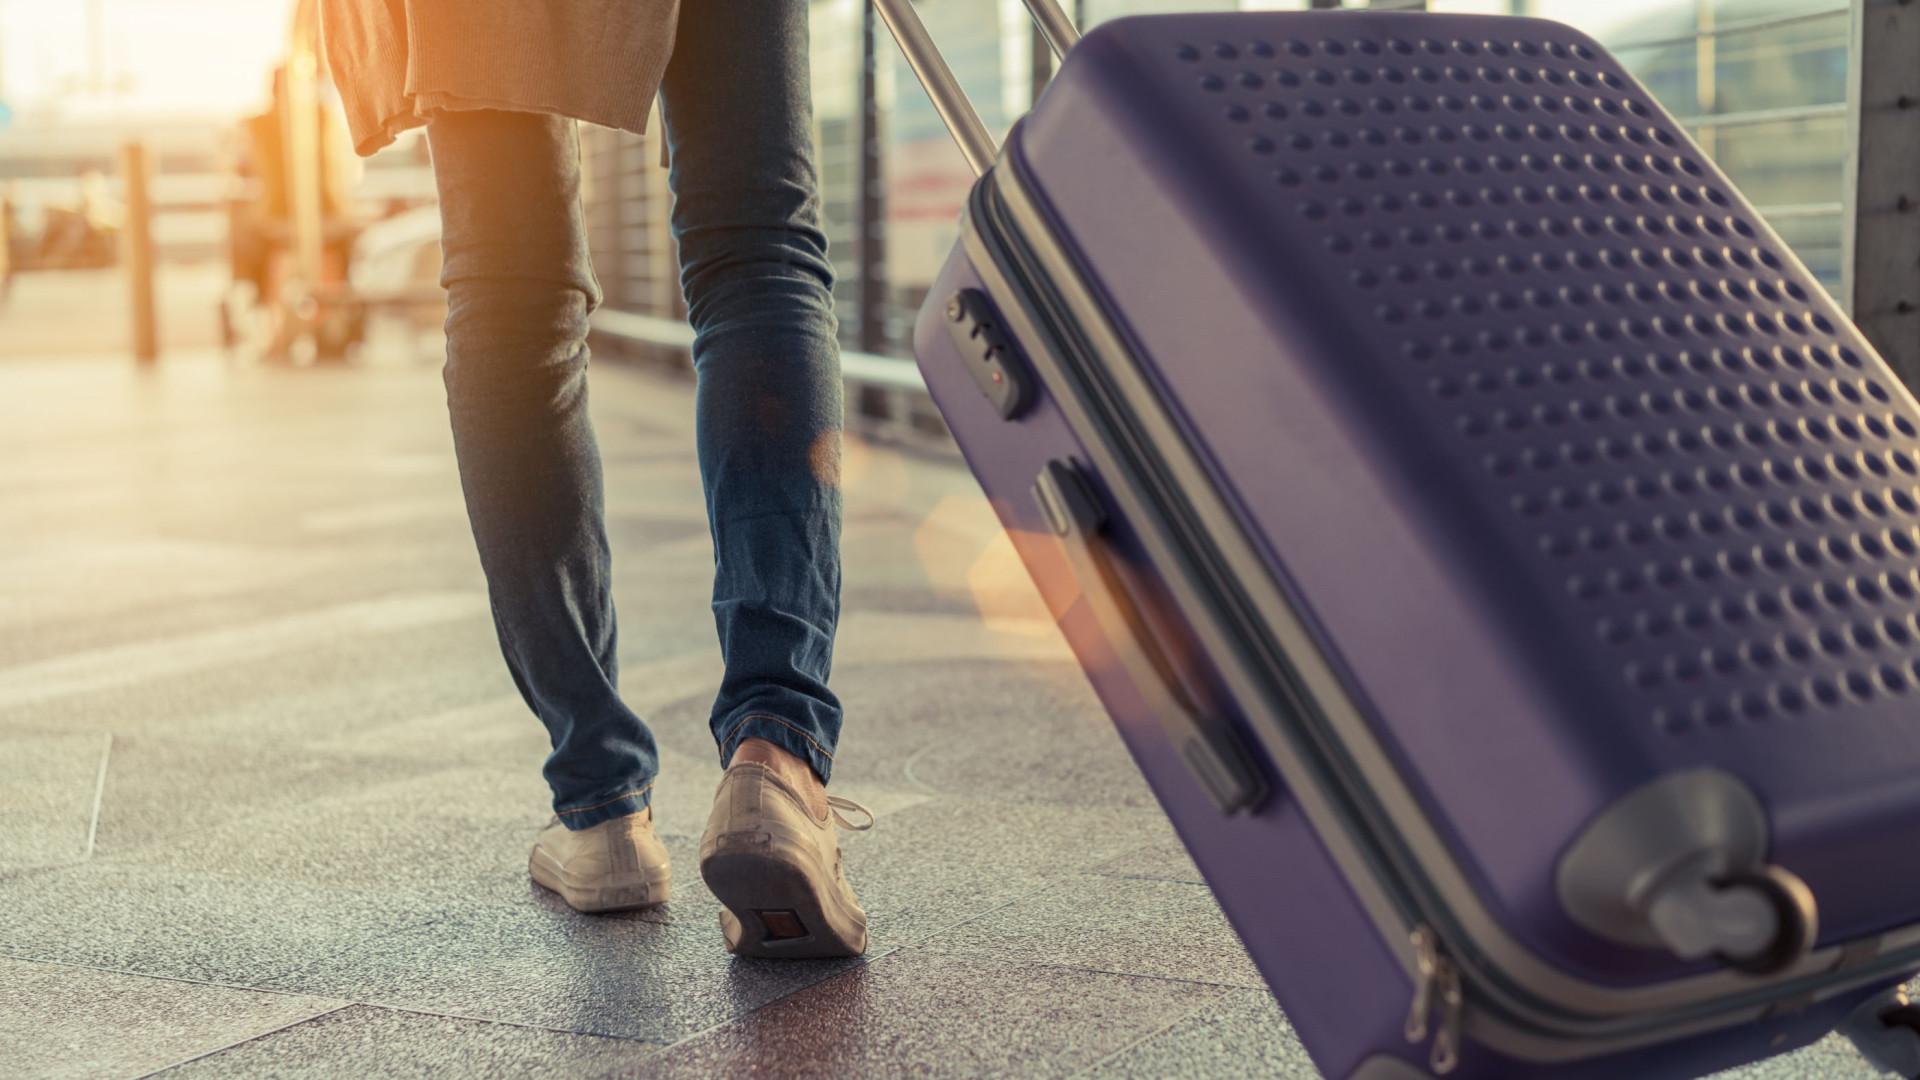 Encerram aeroporto devido a mala suspeita. Eram apenas brinquedos sexuais